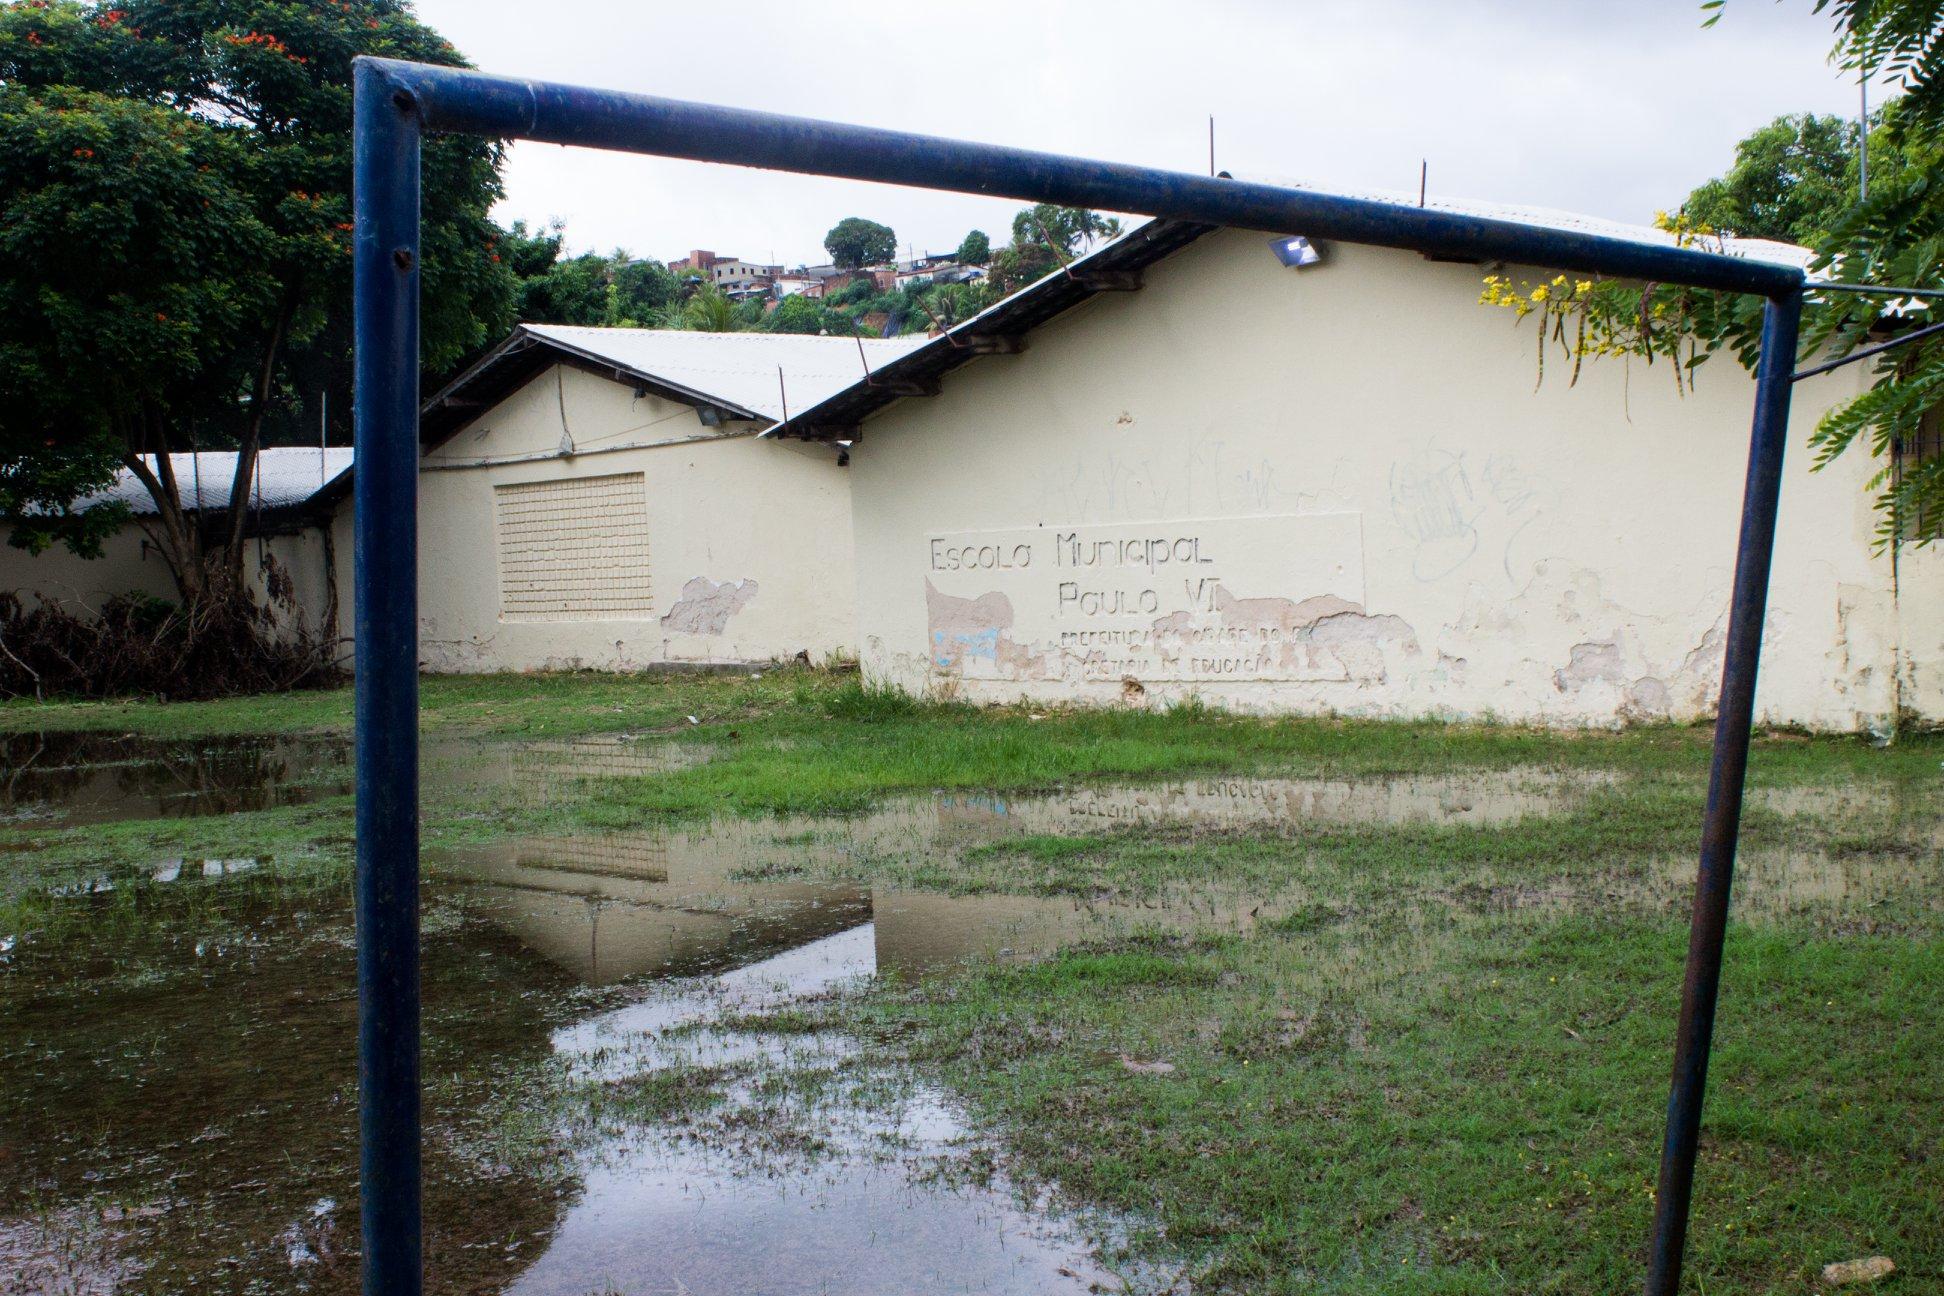 Parte da escola Paulo VI alagou com os recentes temporais (foto: Simpere/divulgação)